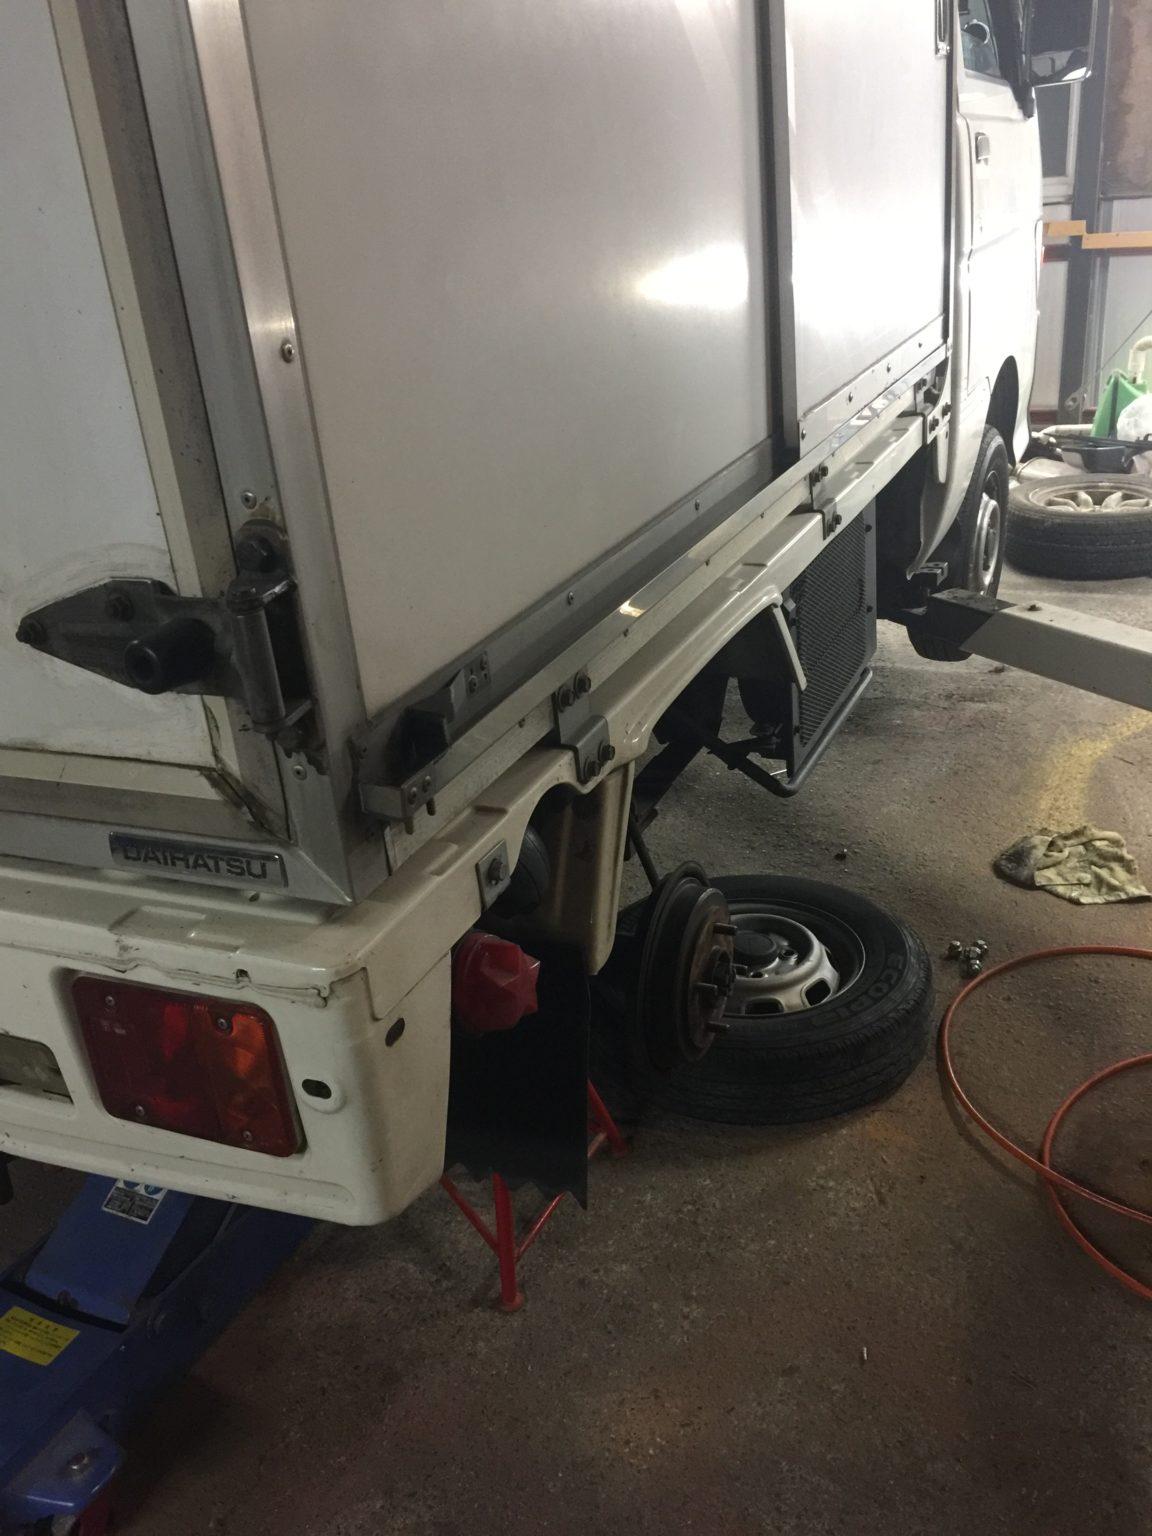 冷凍車の夜間修理 【軽貨物運送の検証ブログ】